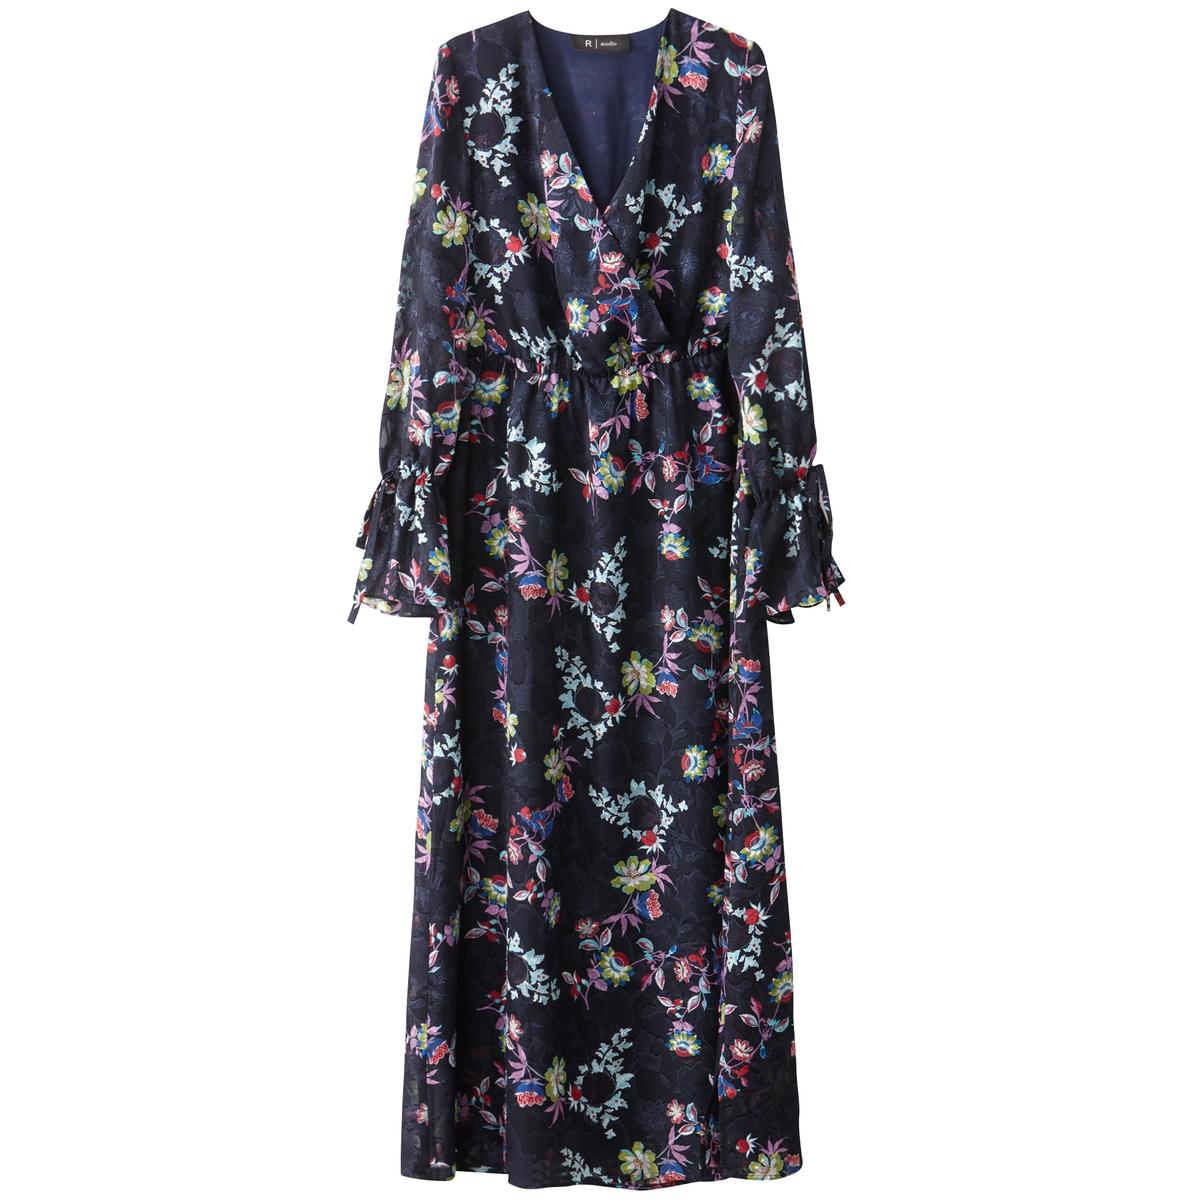 Платье длинное с цветочным принтом, c длинными рукавами